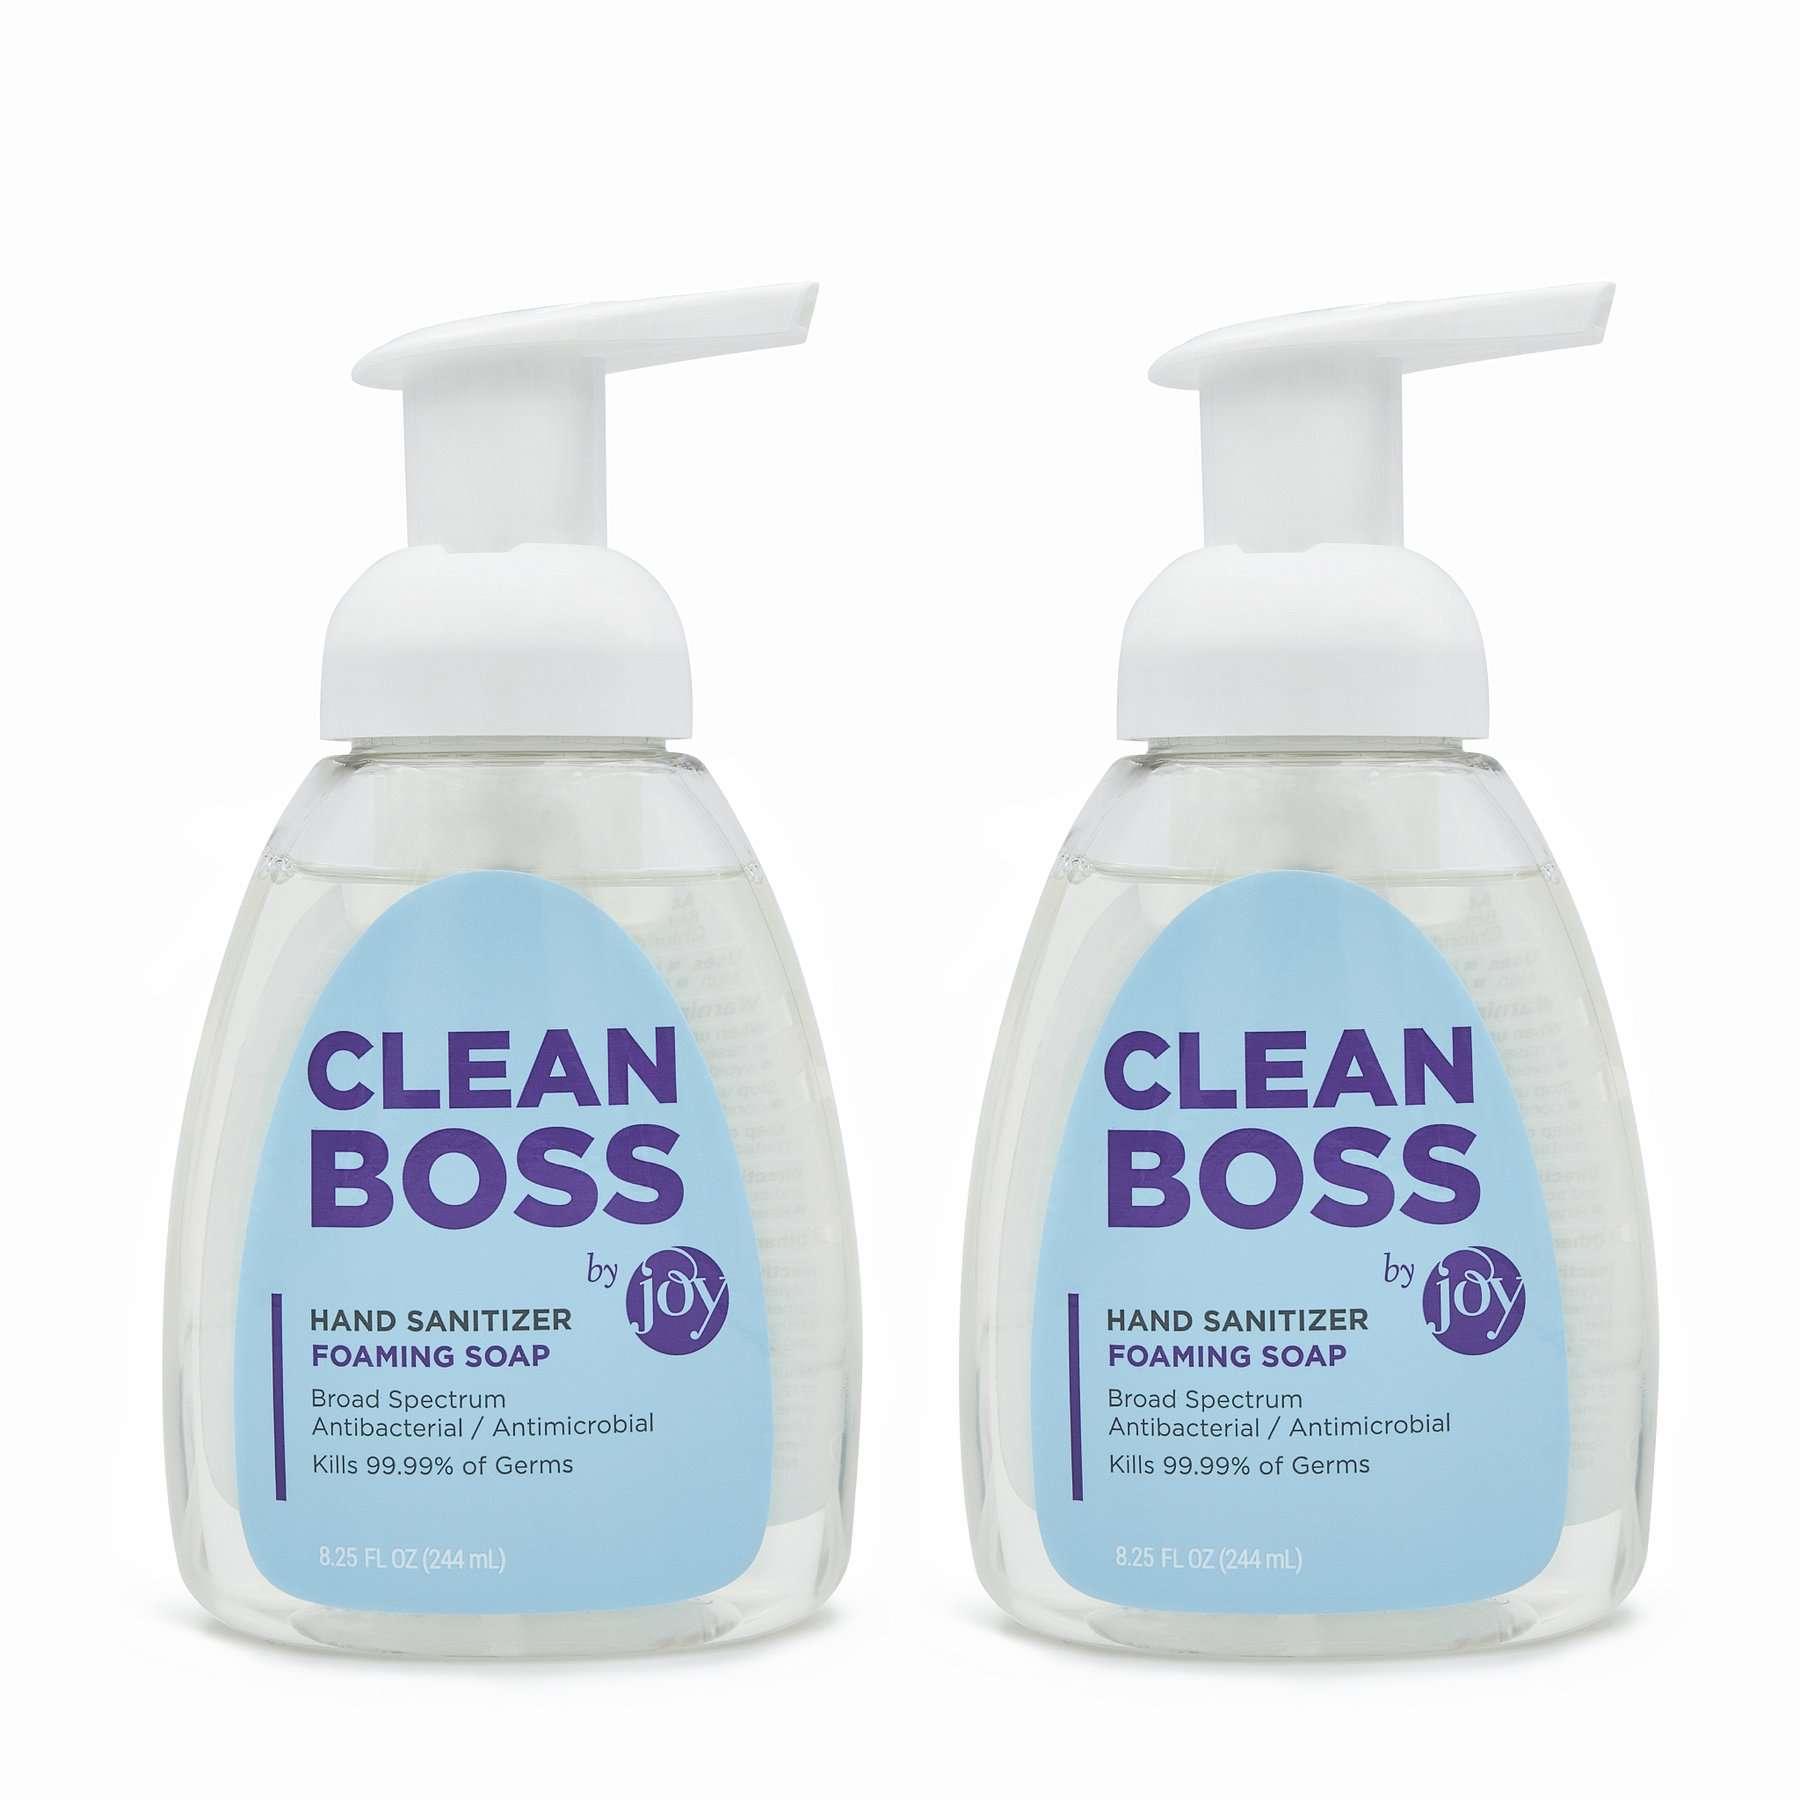 Clean Boss Hand Sanitizer Foaming Soap